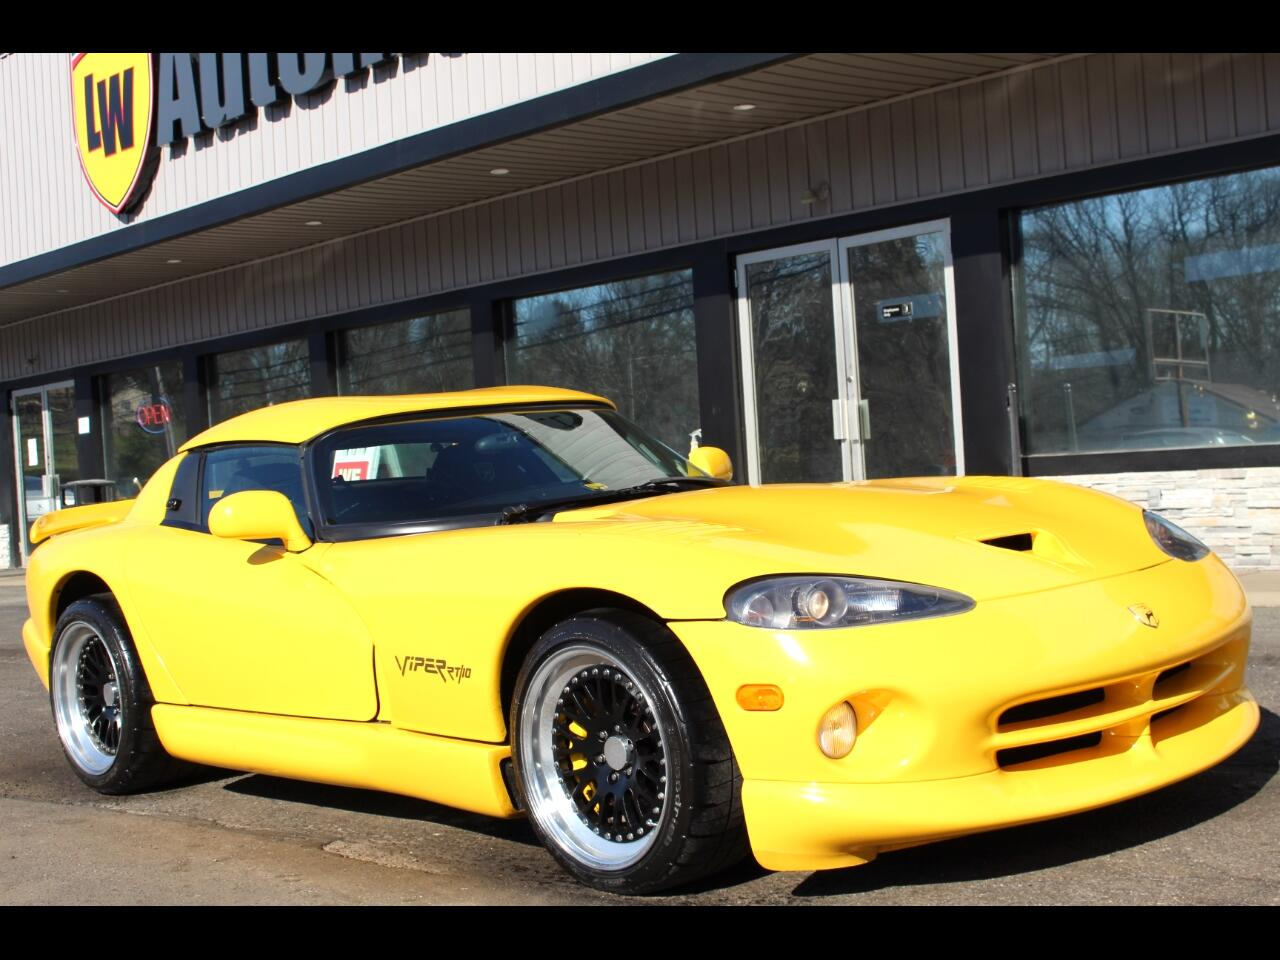 2001 Dodge Viper RT/10